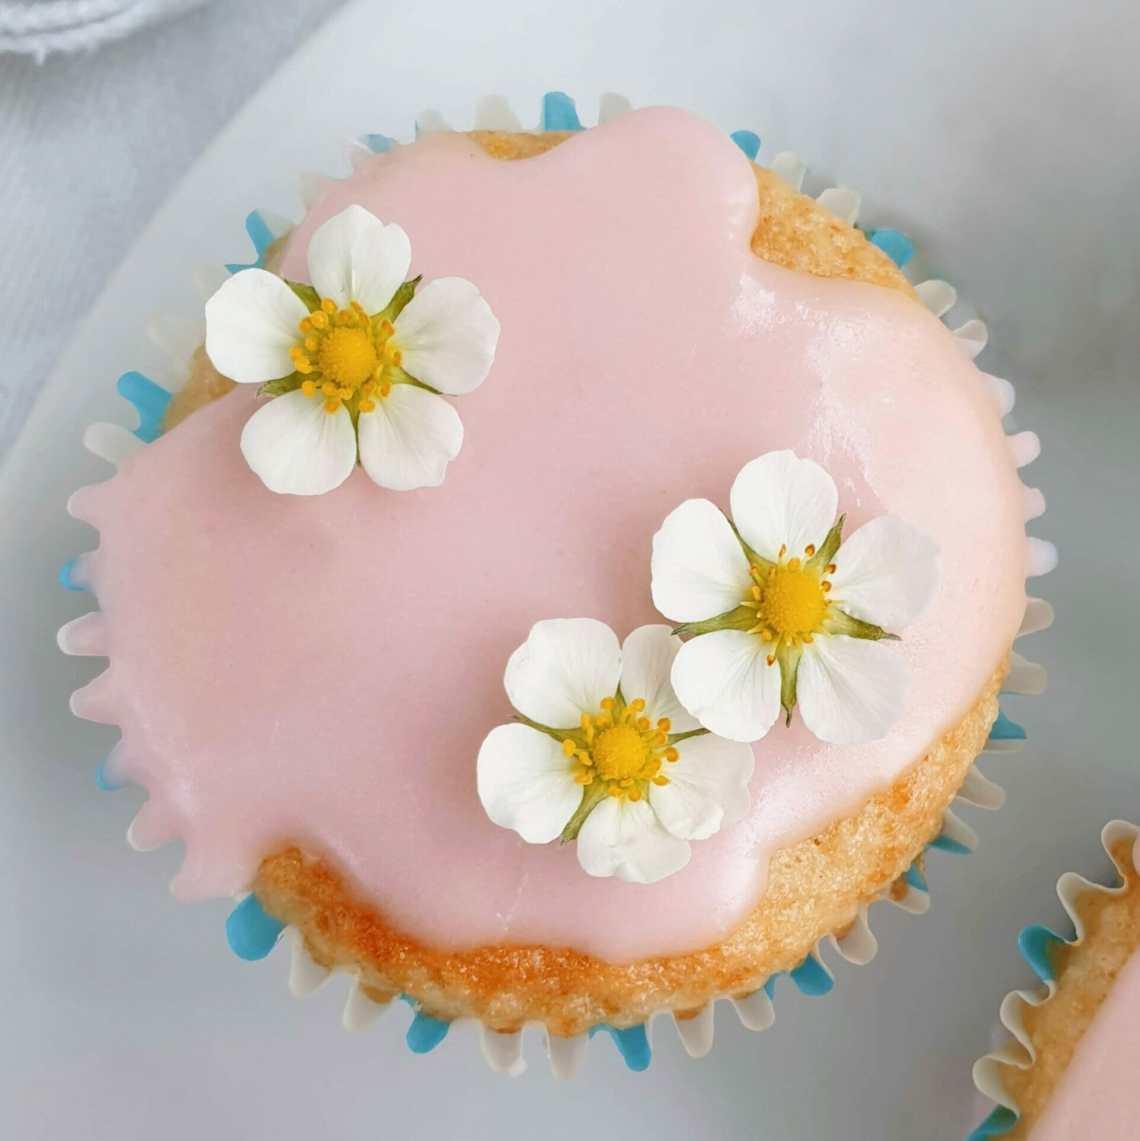 Rabarbermuffins med bagte rabarber og rabarberglasur. Find opskrifter, gratis print og inspiration til årets gang på danishthings.com #DanishThings #rabarber #bagte-rabarber #bagte #muffin #muffins #rabarbermuffins #rabarberglasur #kage